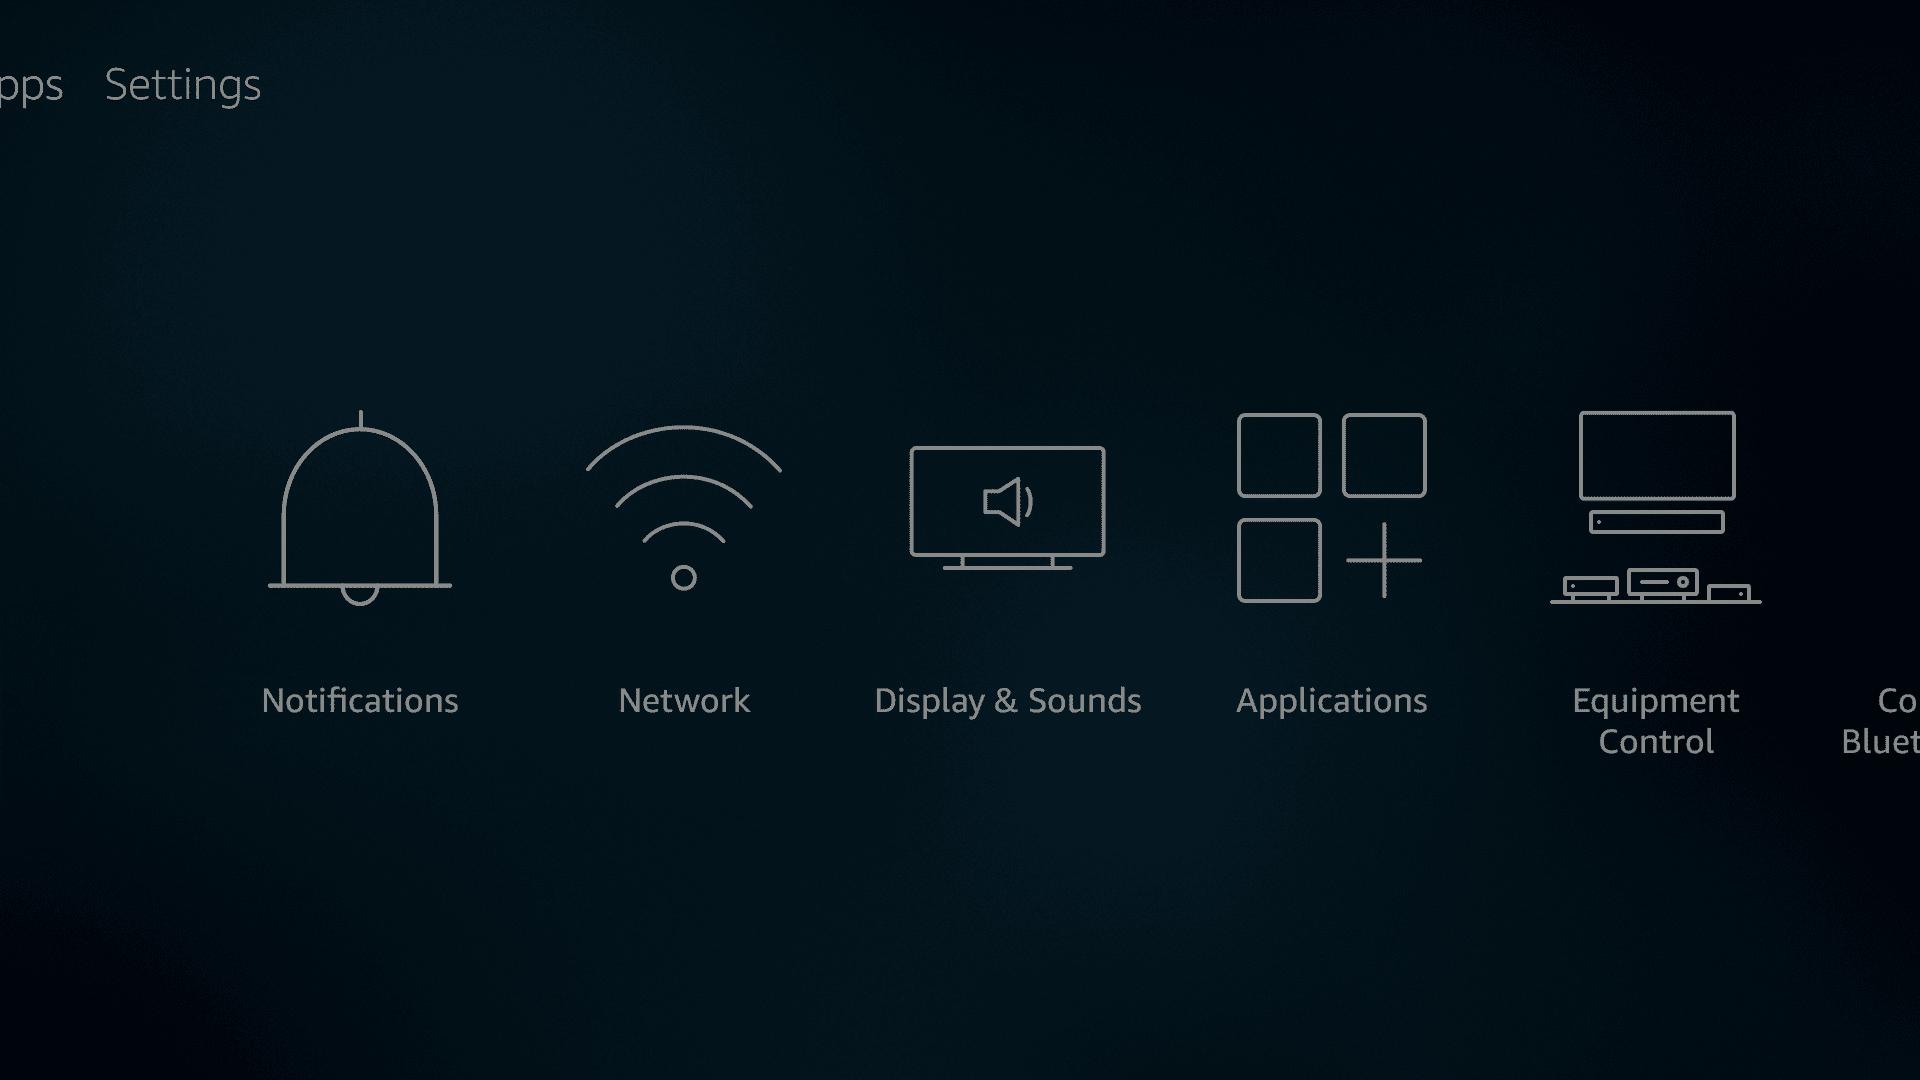 The Fire TV settings menu